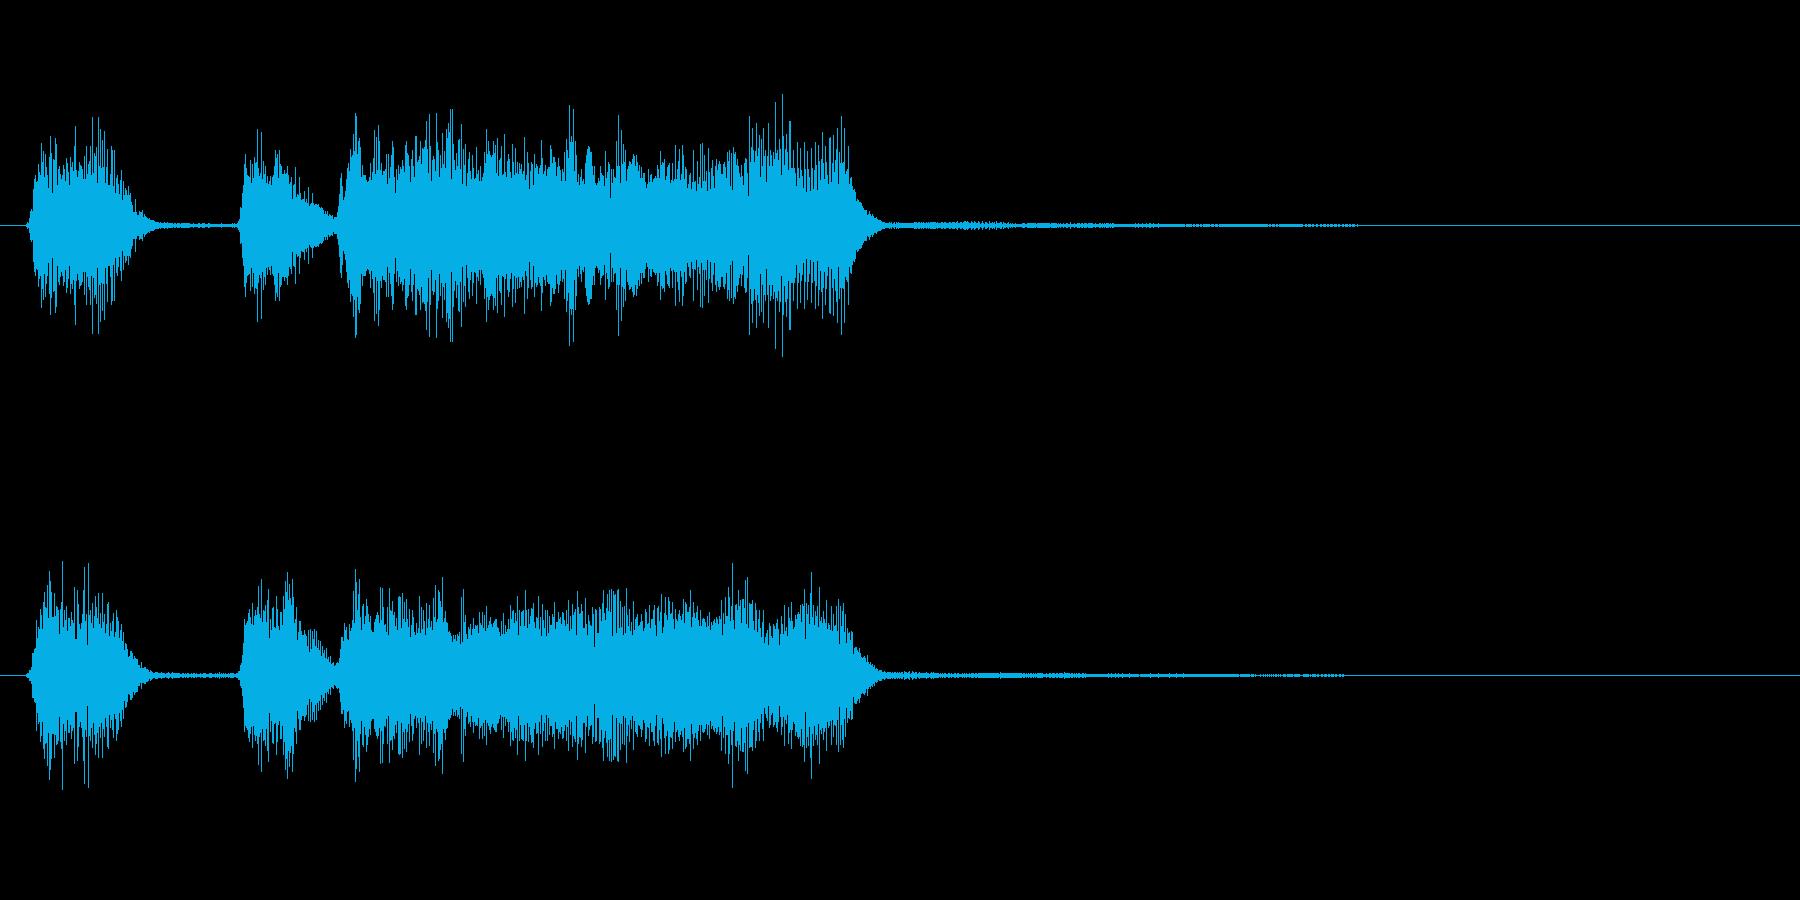 玩具系ファンファーレ-09の再生済みの波形